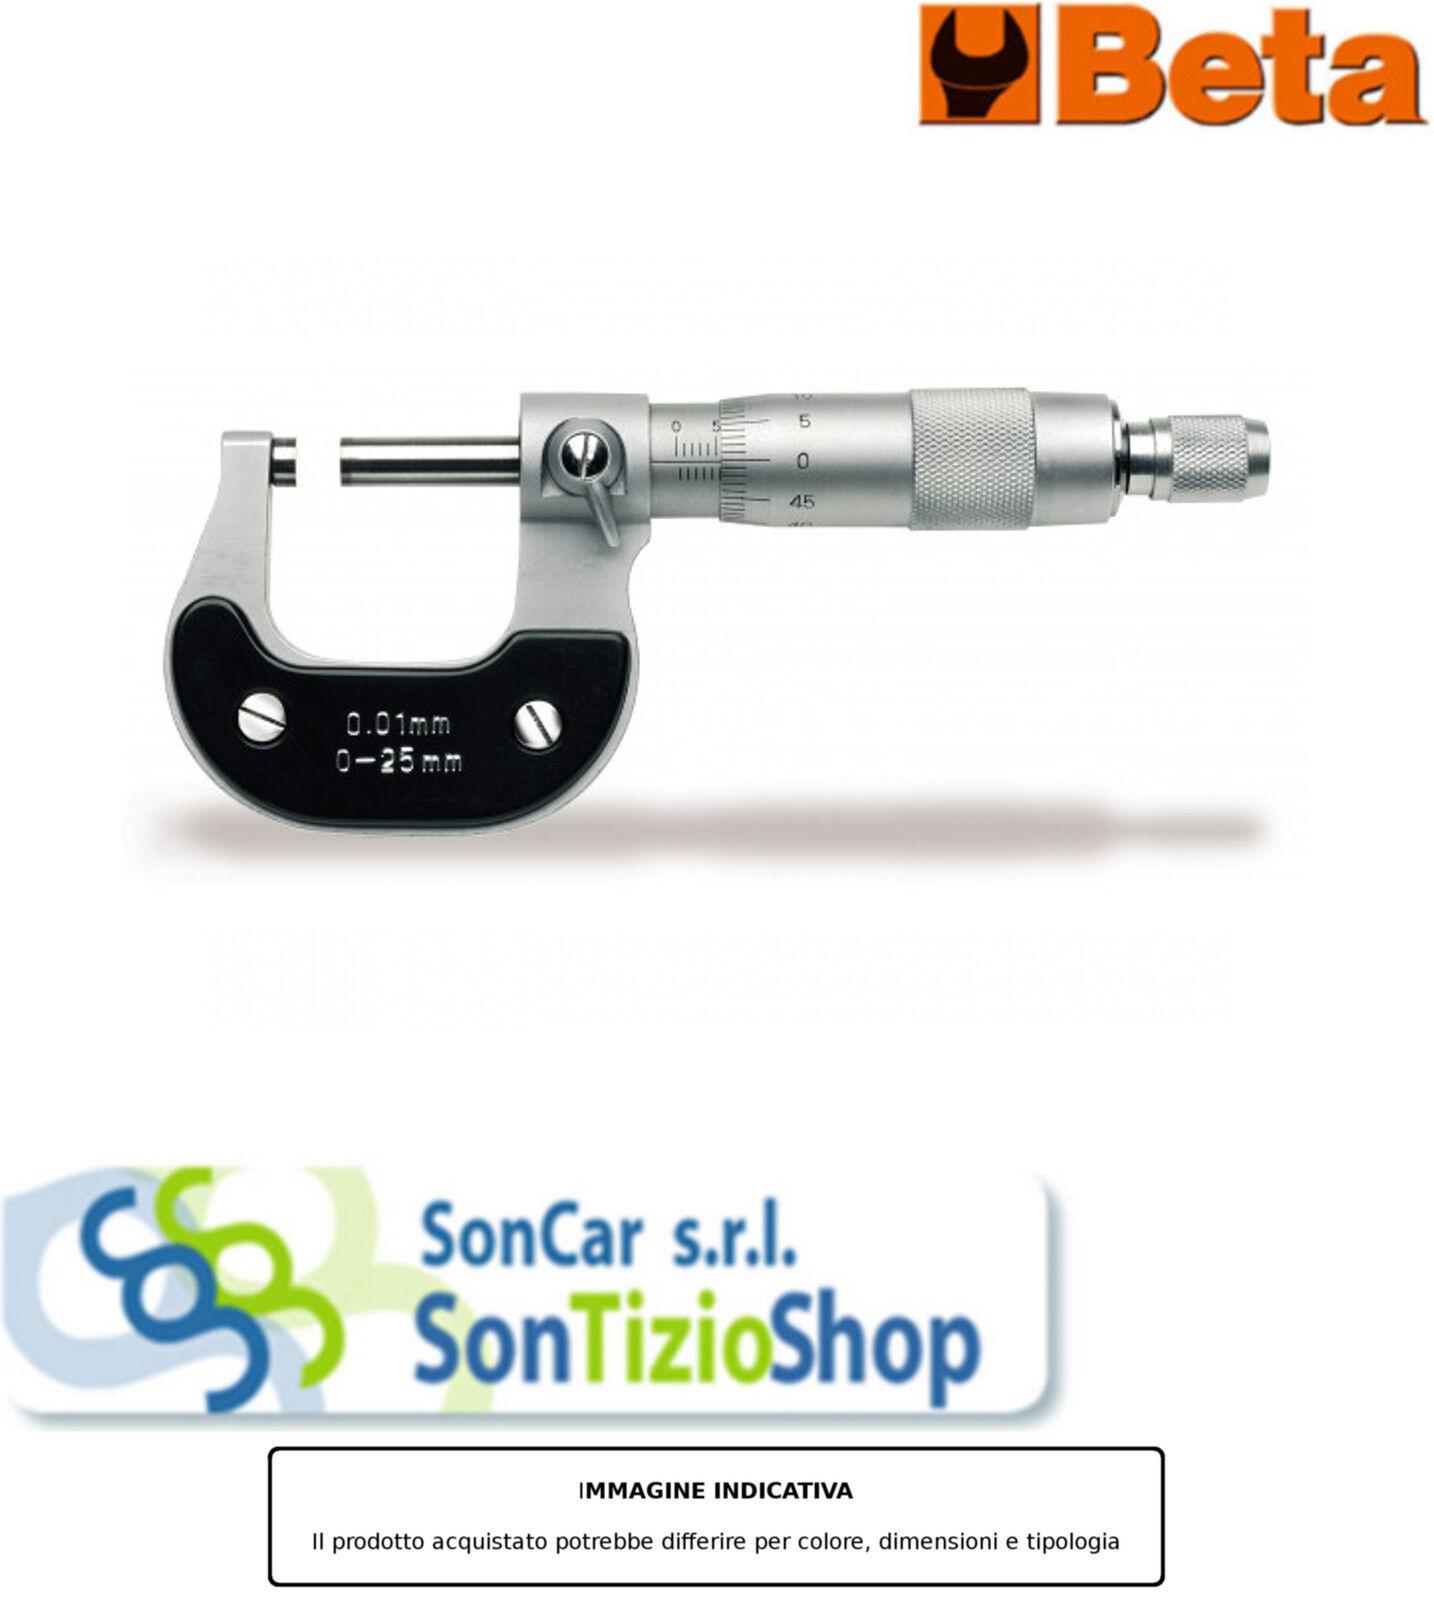 BETA 1658  50 Artikel Original  Mikrometer Außen 1 100  50 | Online Outlet Shop  | Deutschland  | Lebhaft  | Eleganter Stil